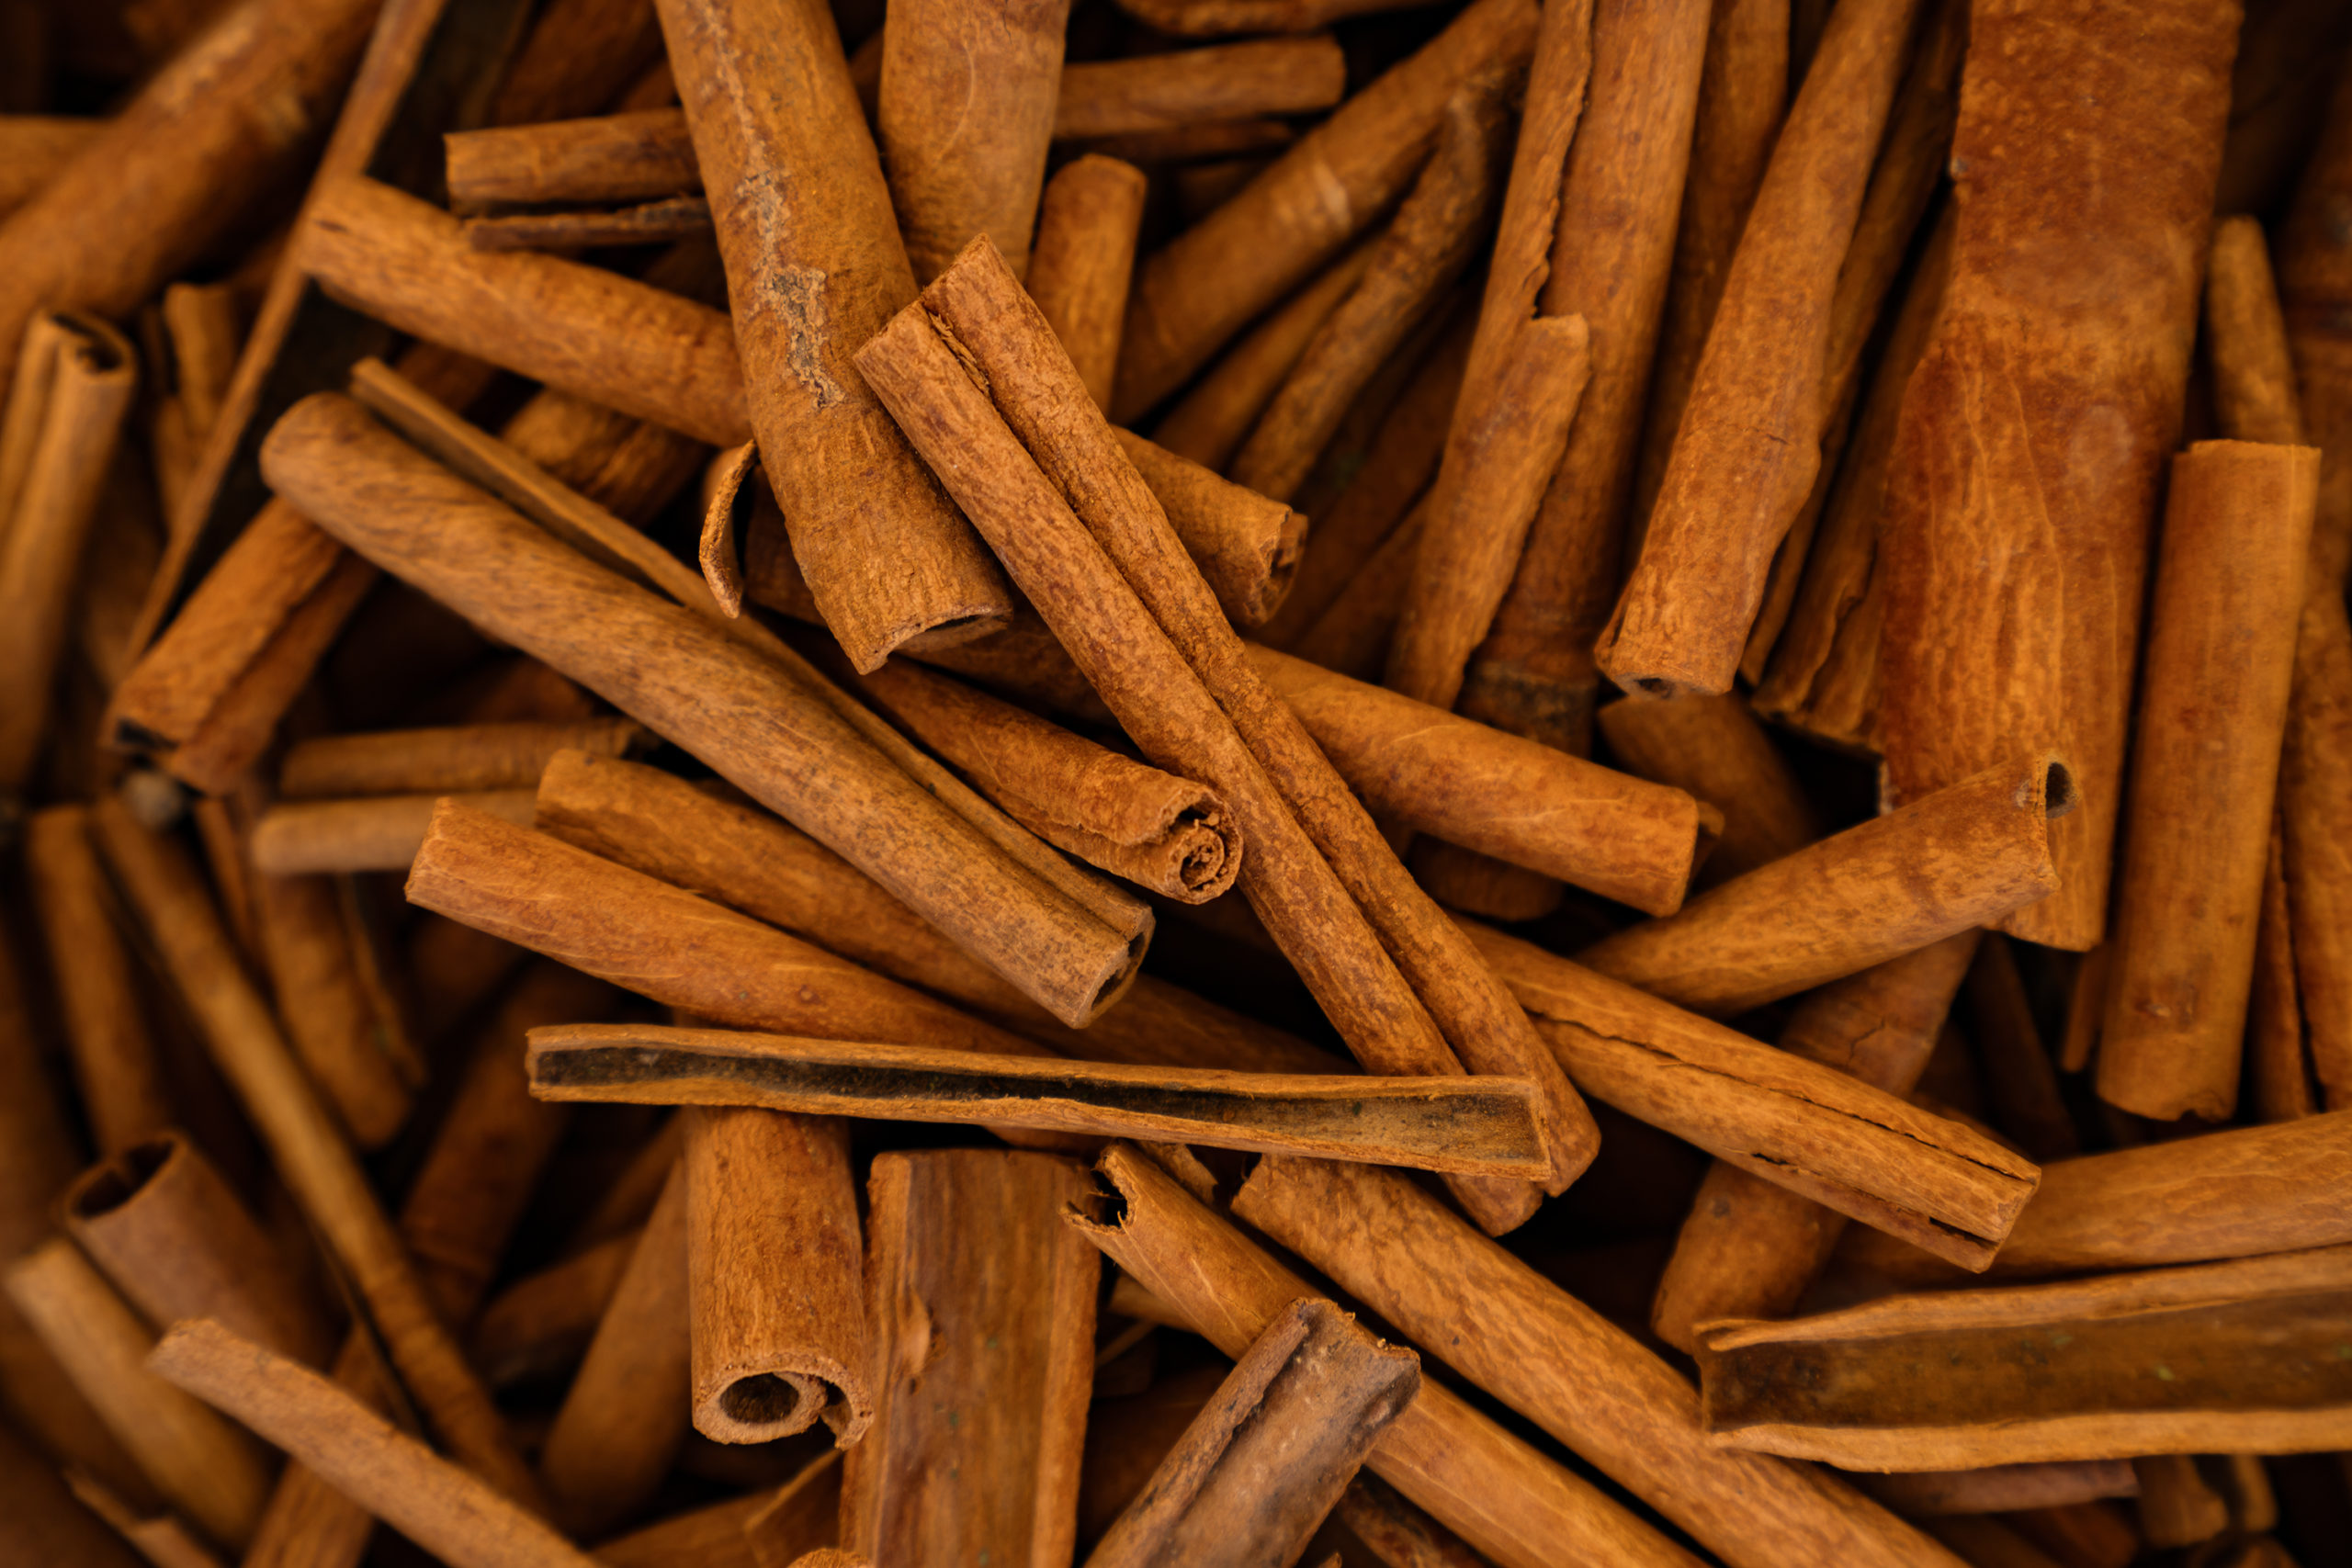 Substitute for Cinnamon Sticks